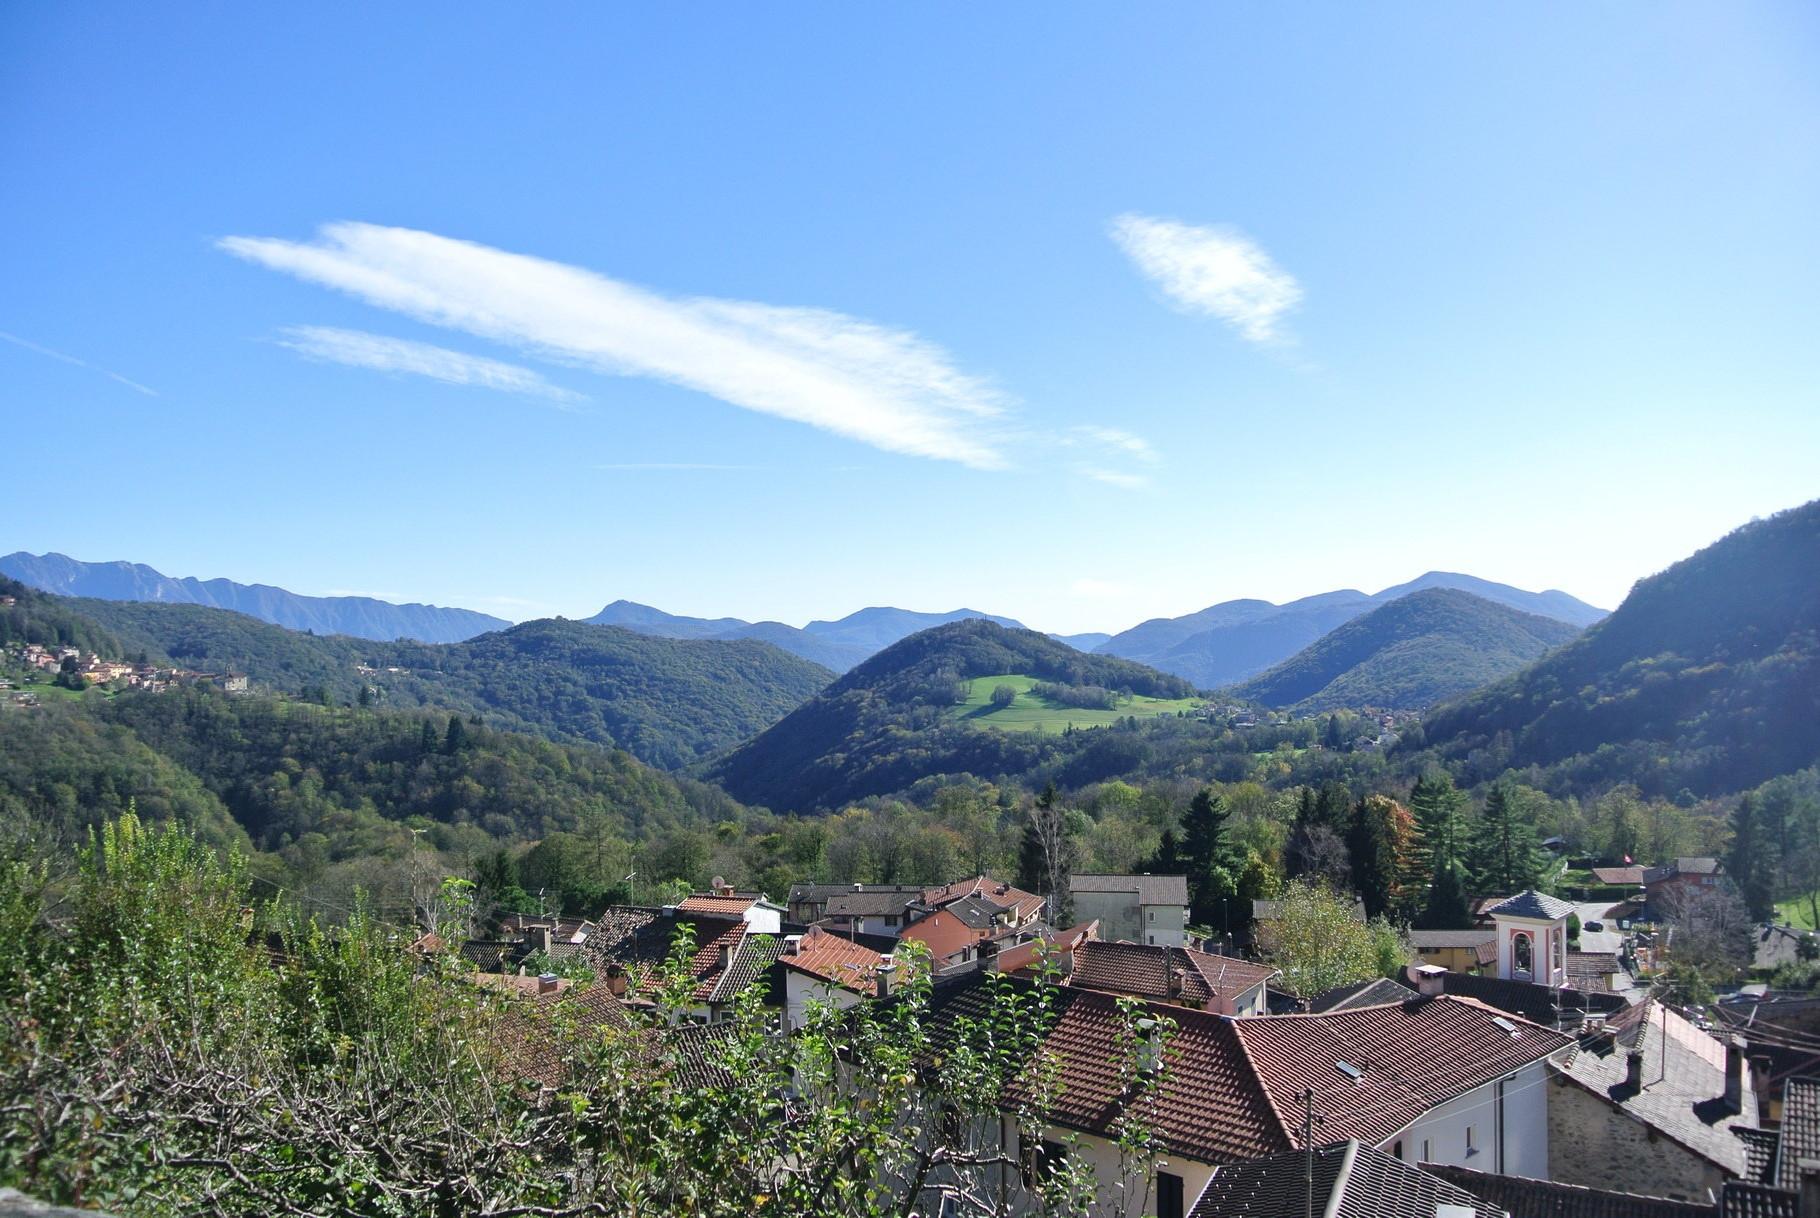 vue de l'église Santo Stefano Al Colle